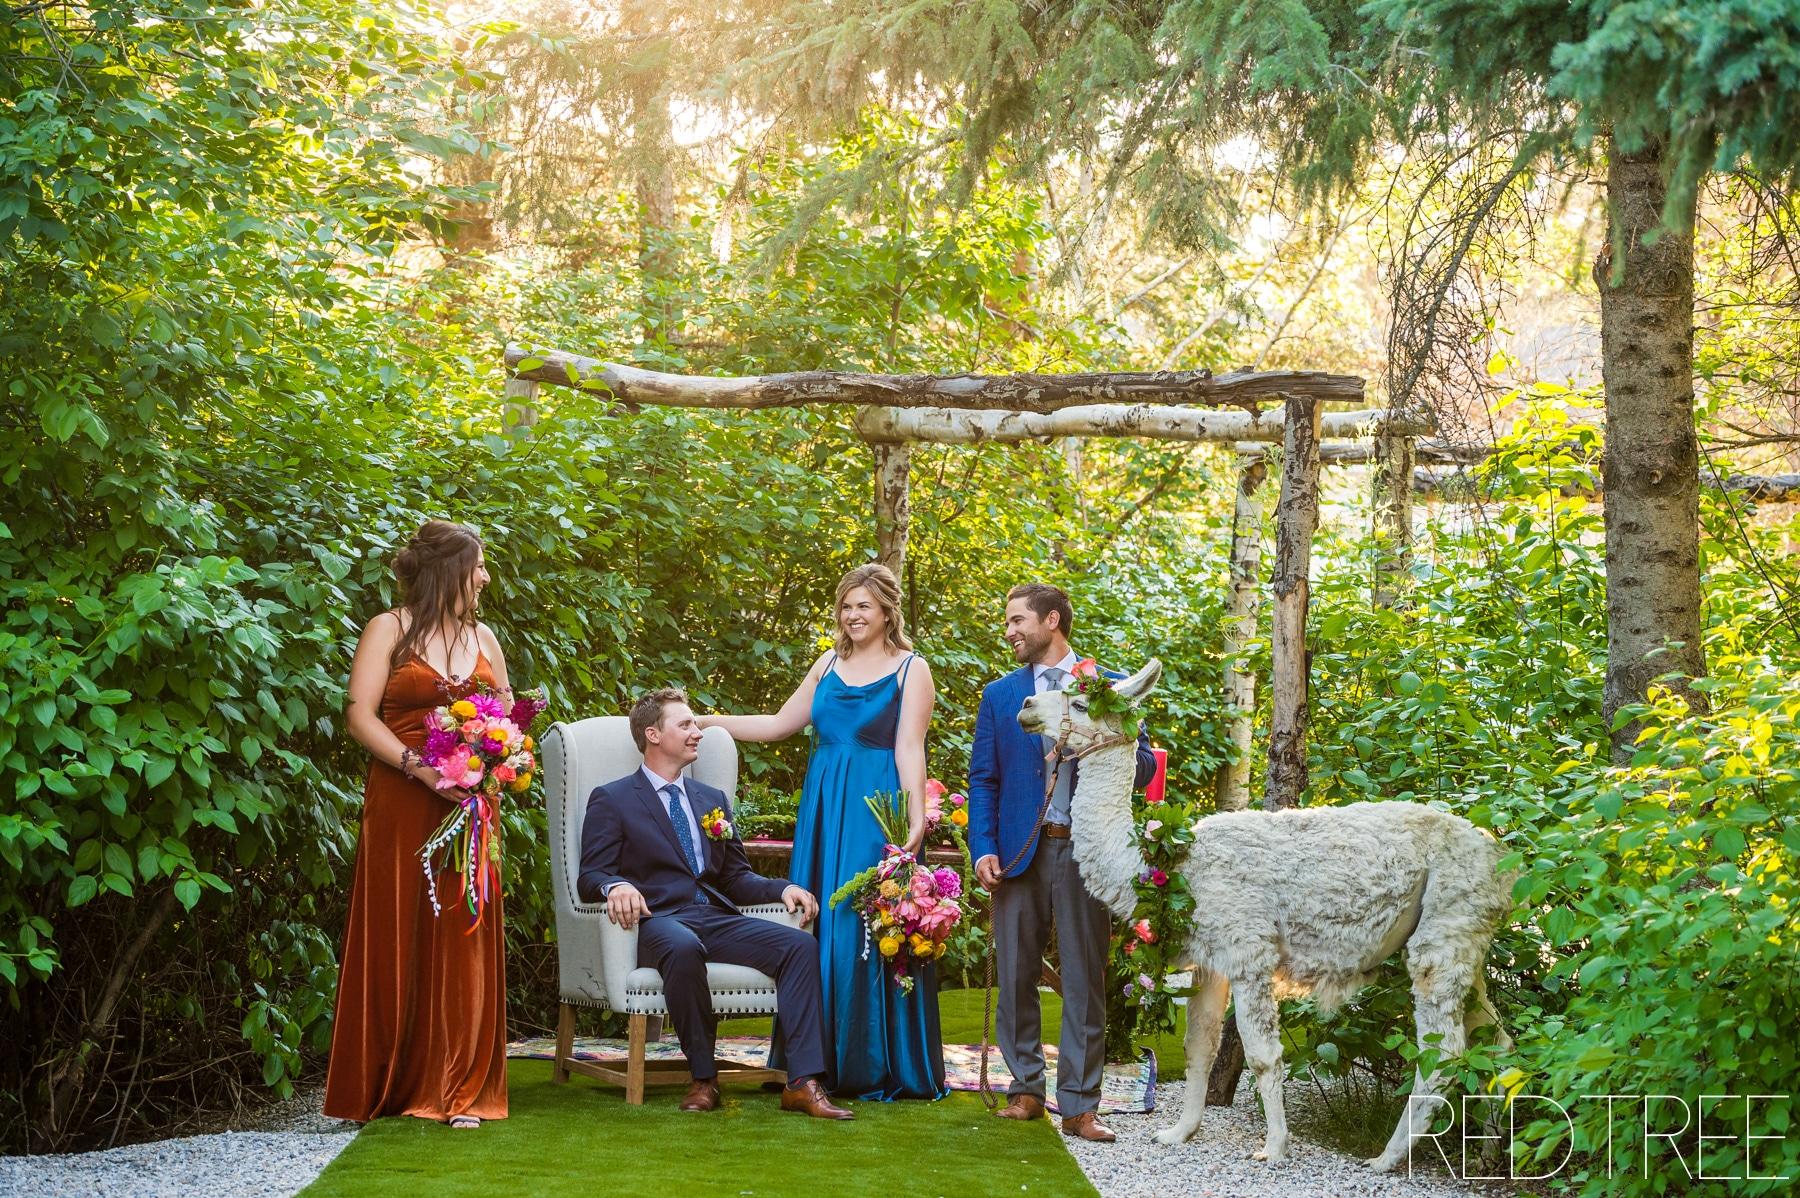 The Whitewood Barn Stylized Wedding Session: Llama Wedding Photography